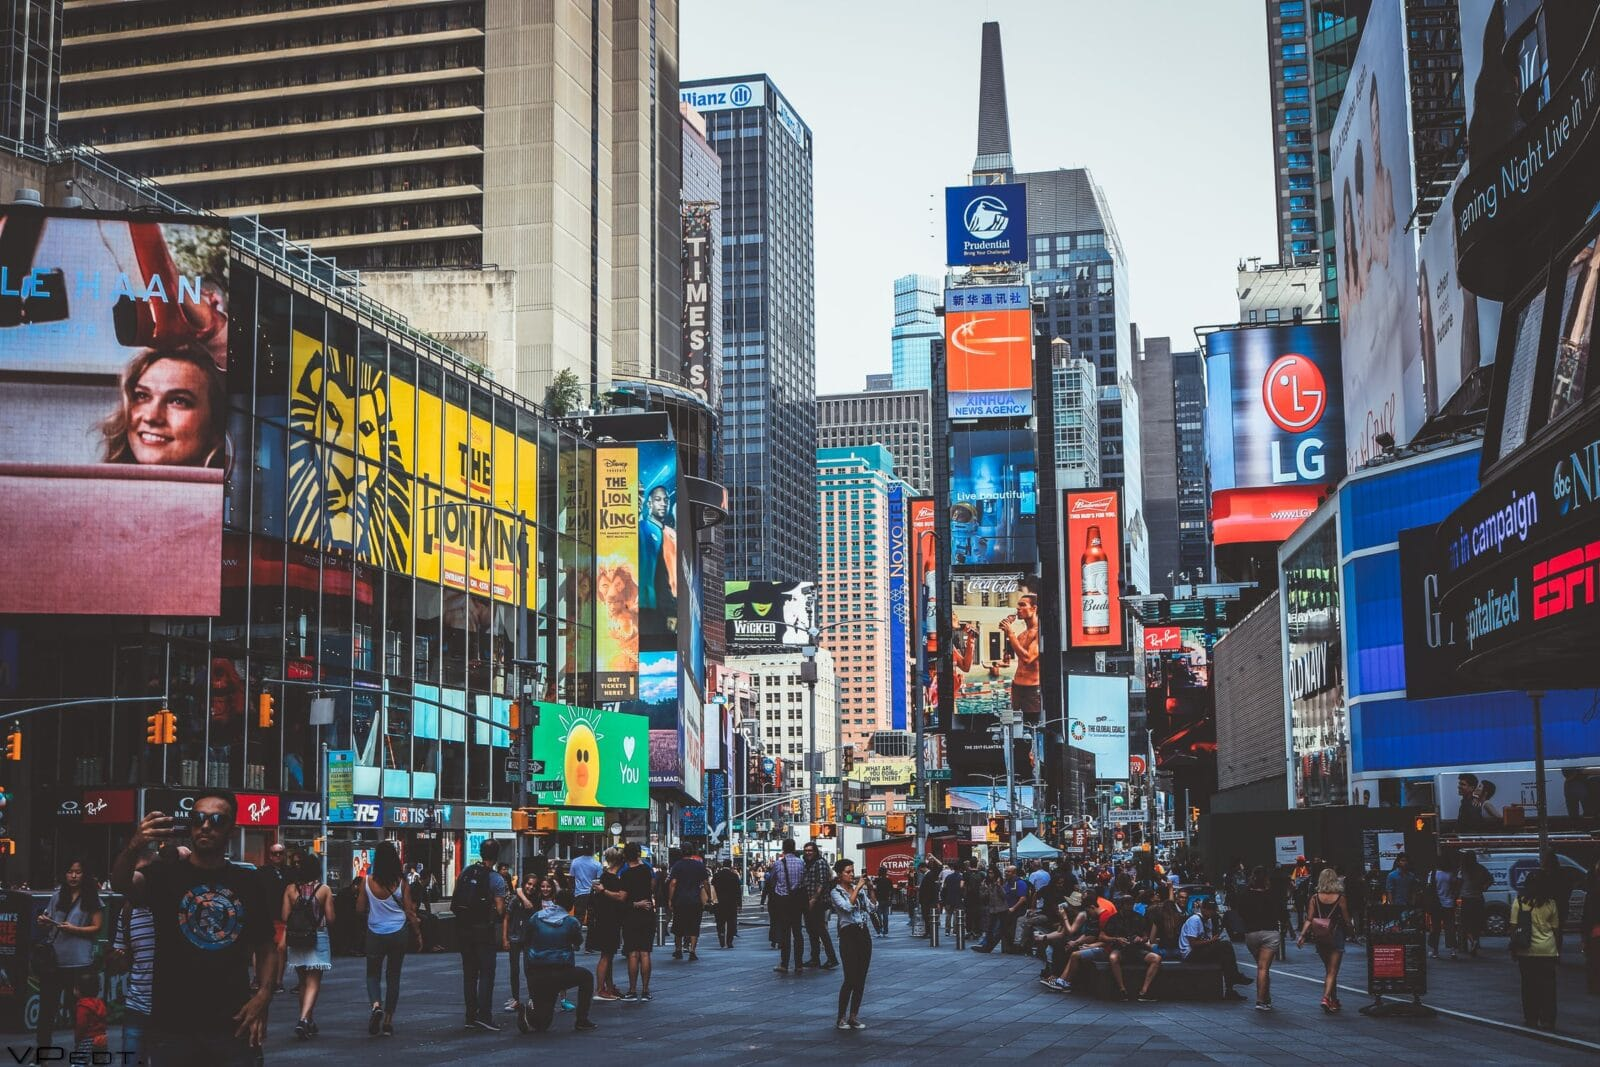 นักข่าวจะปล่อยลูกบอลยักษ์ในงานเคาท์ดาวที่ Time Square